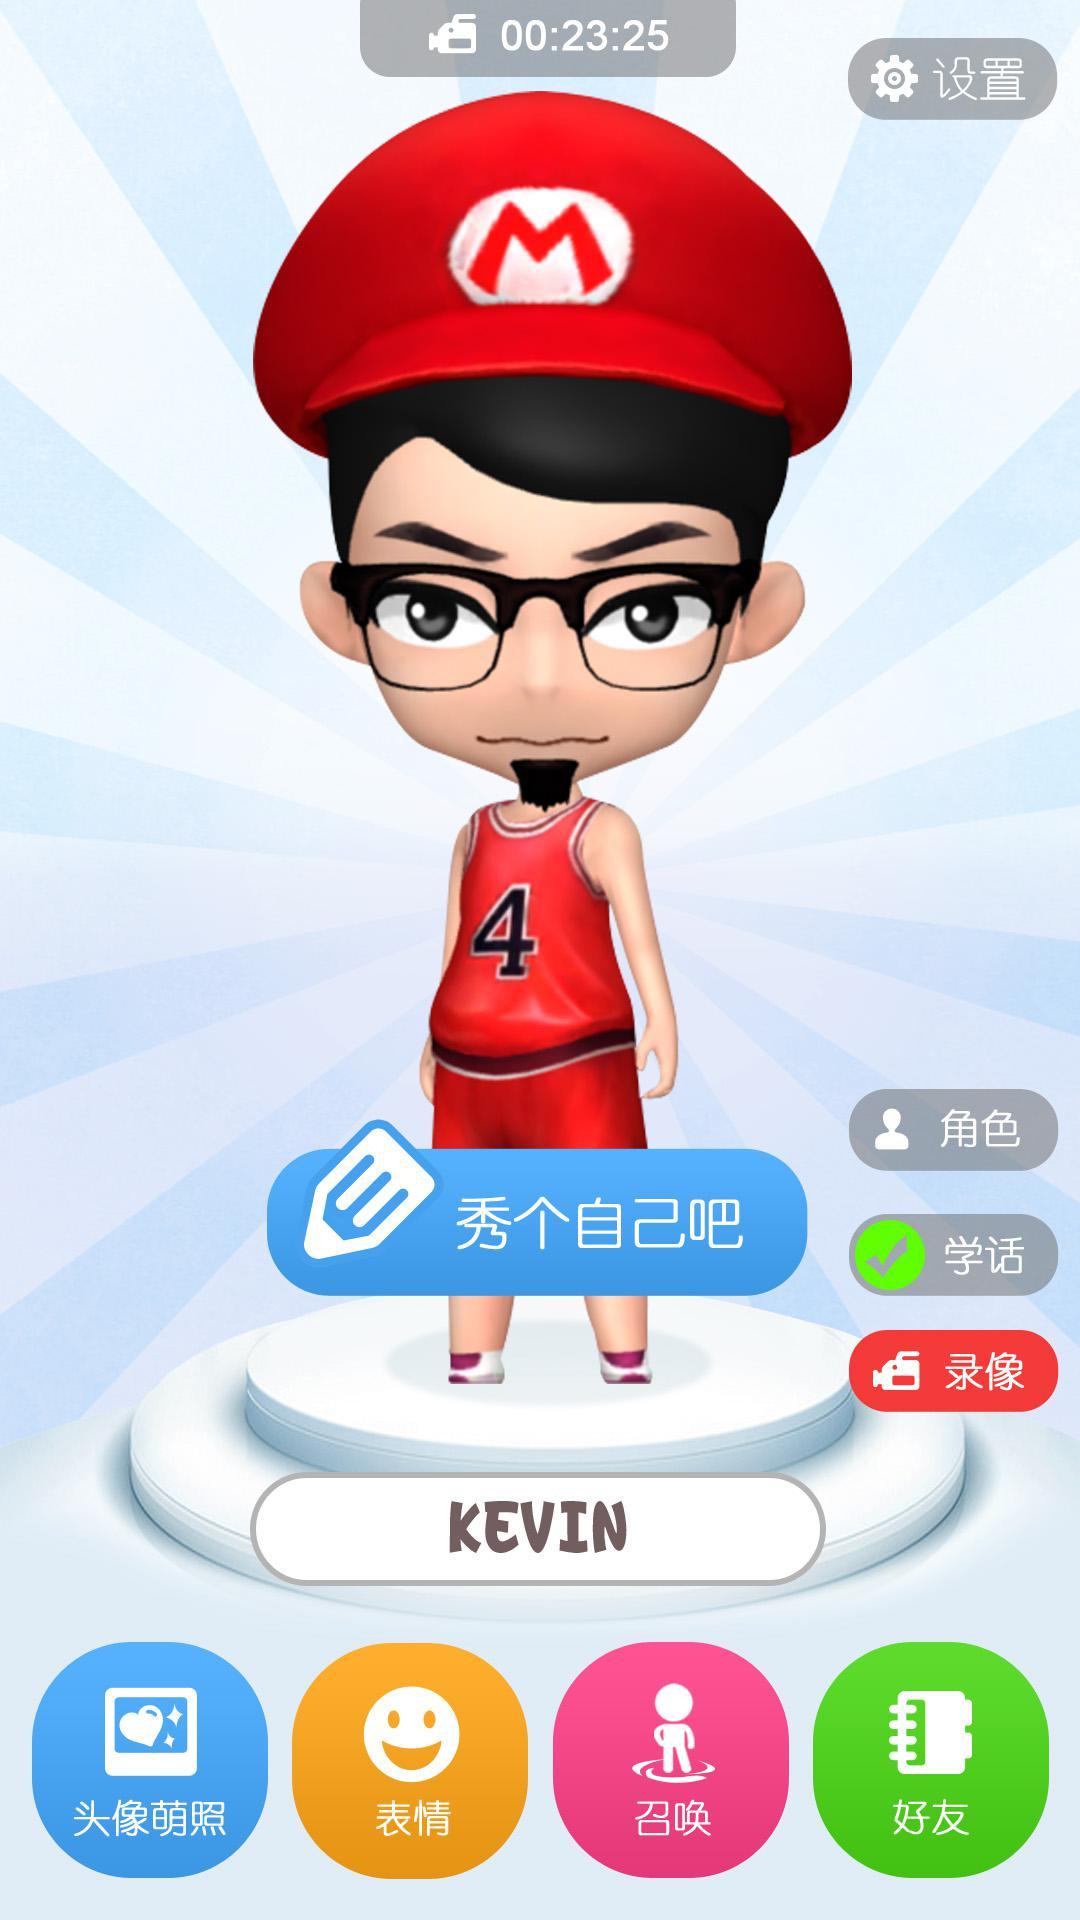 自制头像app开始流行 年轻人用捏偶做表情包